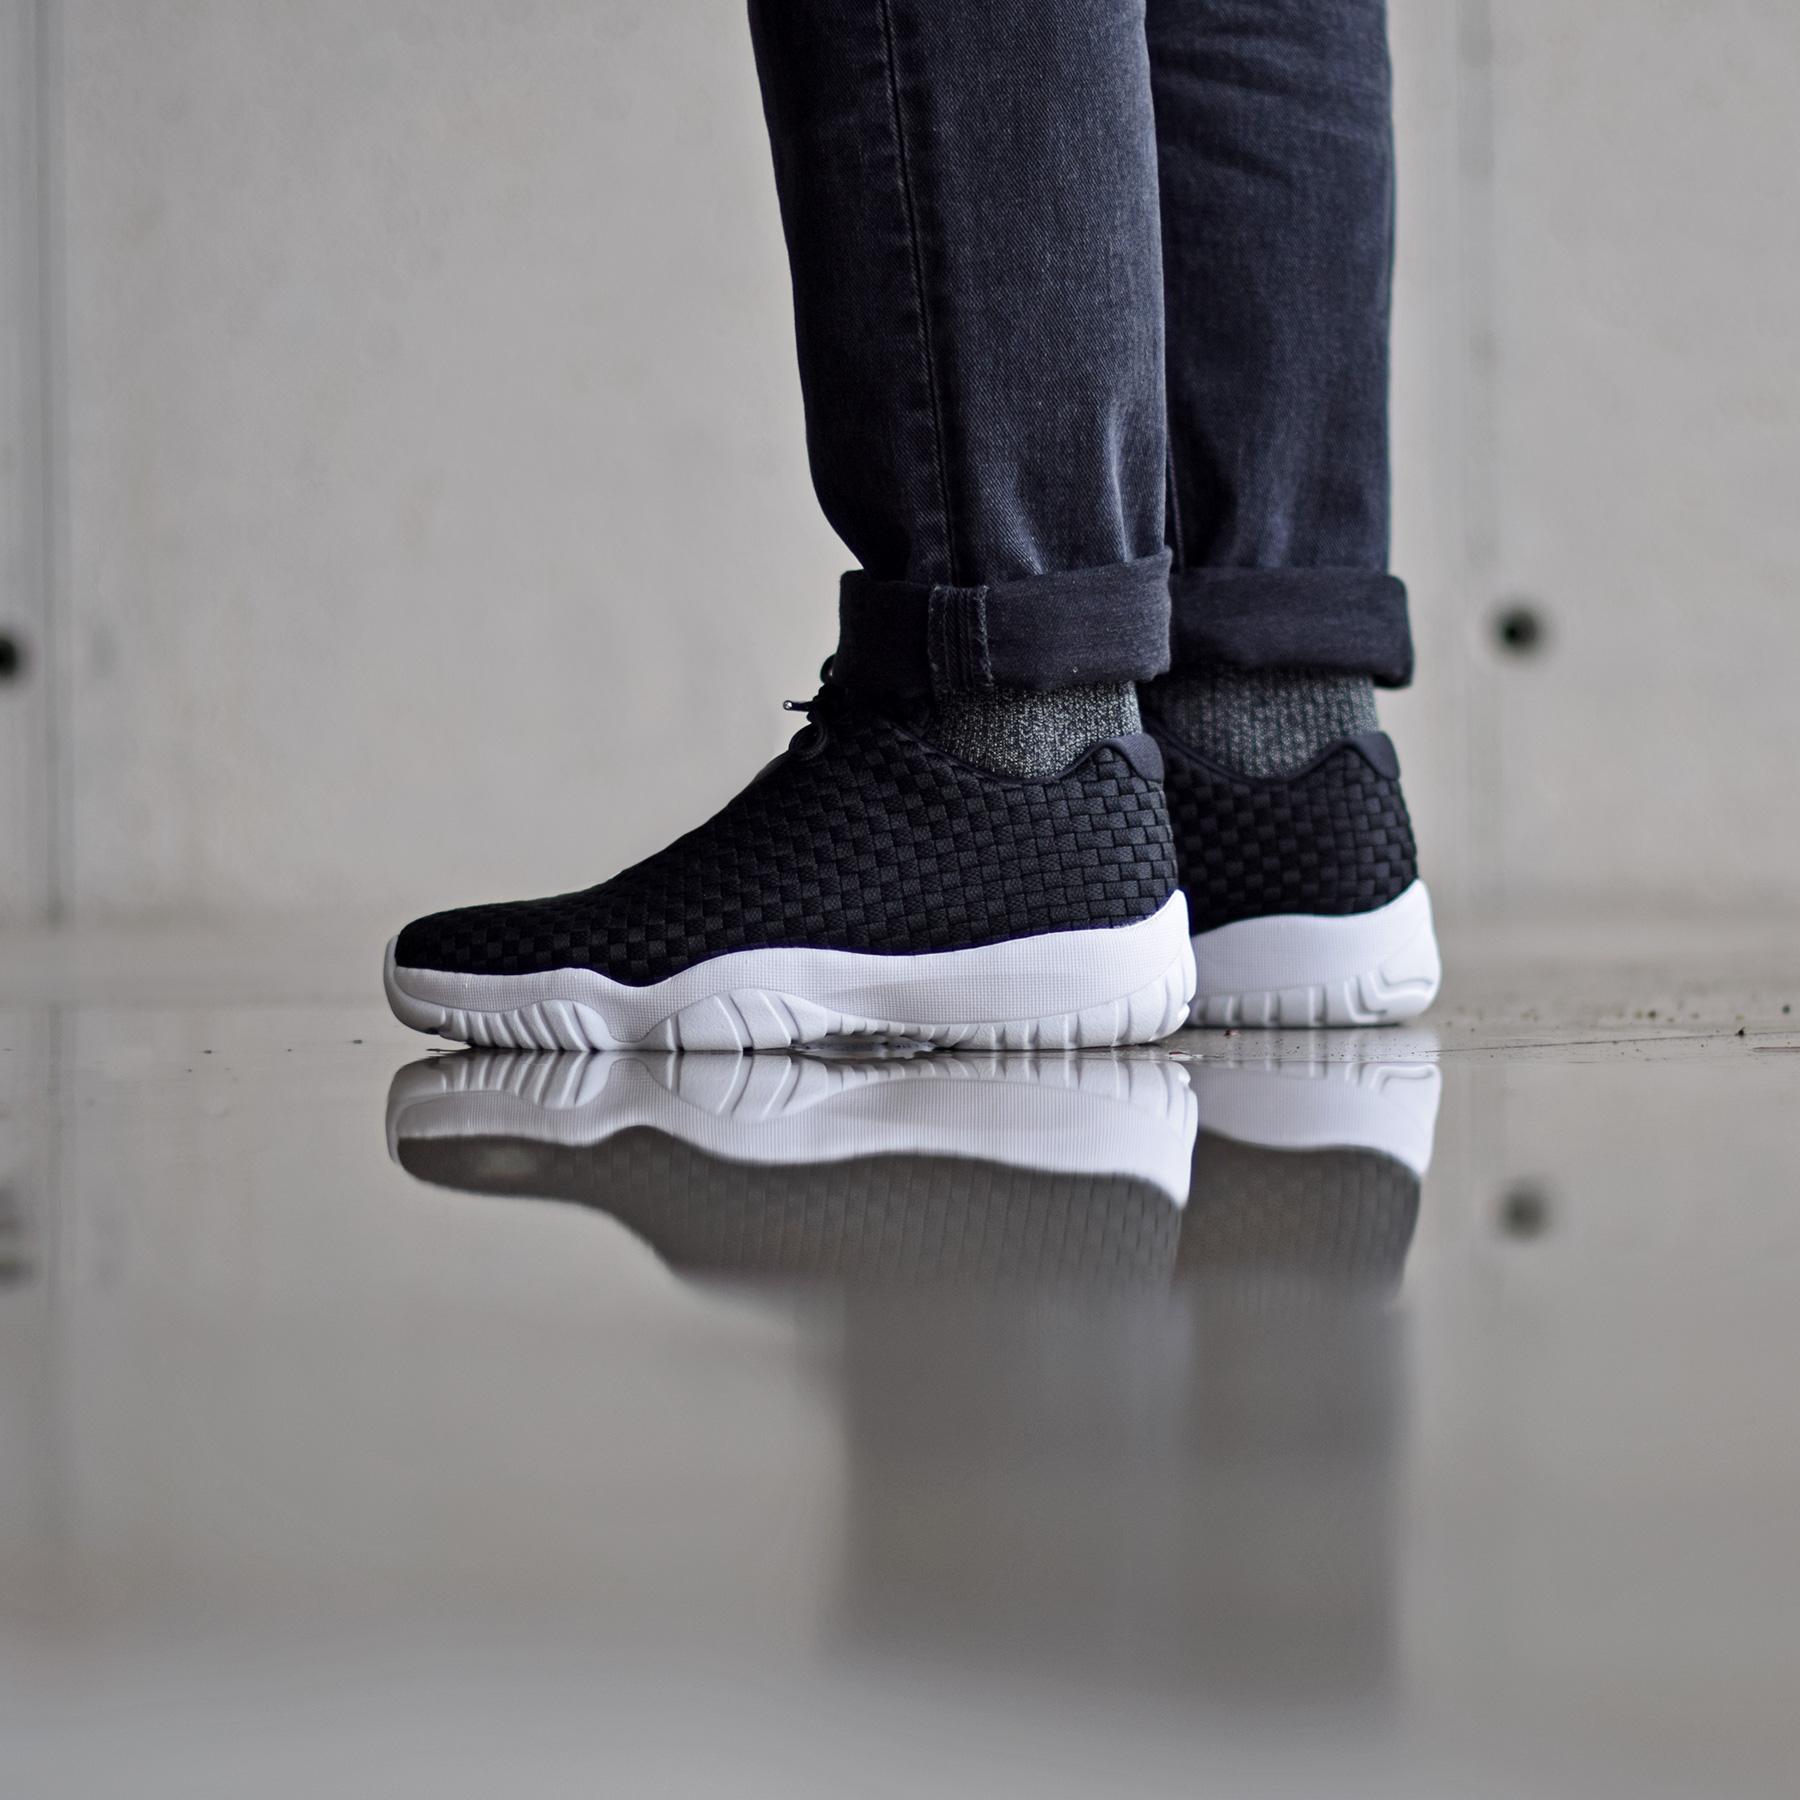 Jordan Brand présente une Air Jordan Future Low dans un coloris Black/White.